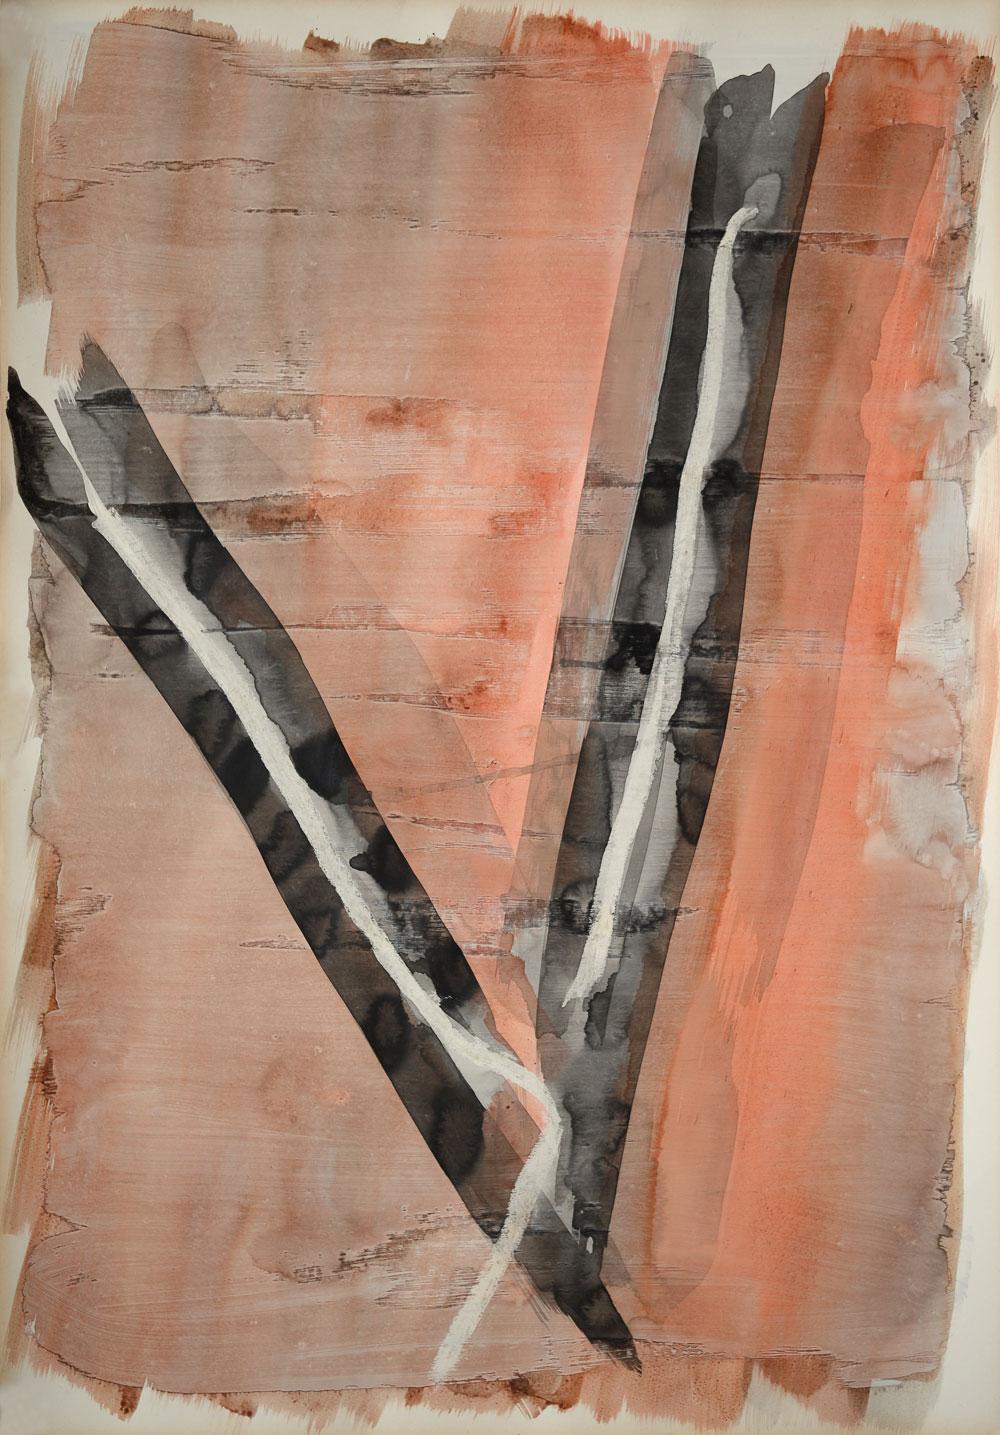 Y-Form formatfüllen in weißer Linie, schwarz umrandet auf rotbraunem Aquarell